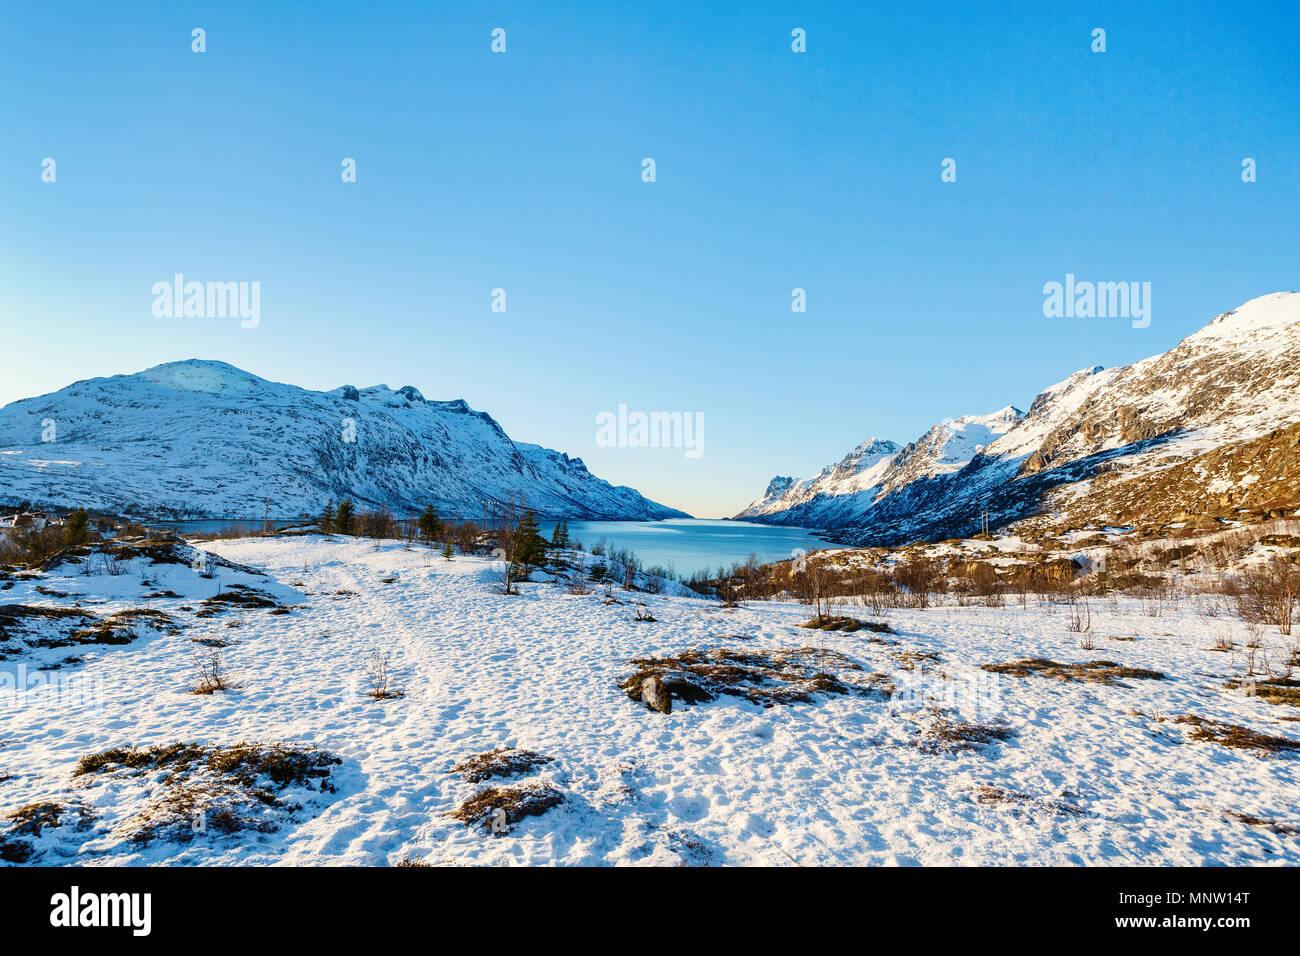 Paesaggio invernale di fiordi mozzafiato paesaggio di Senja isola nel nord della Norvegia Immagini Stock